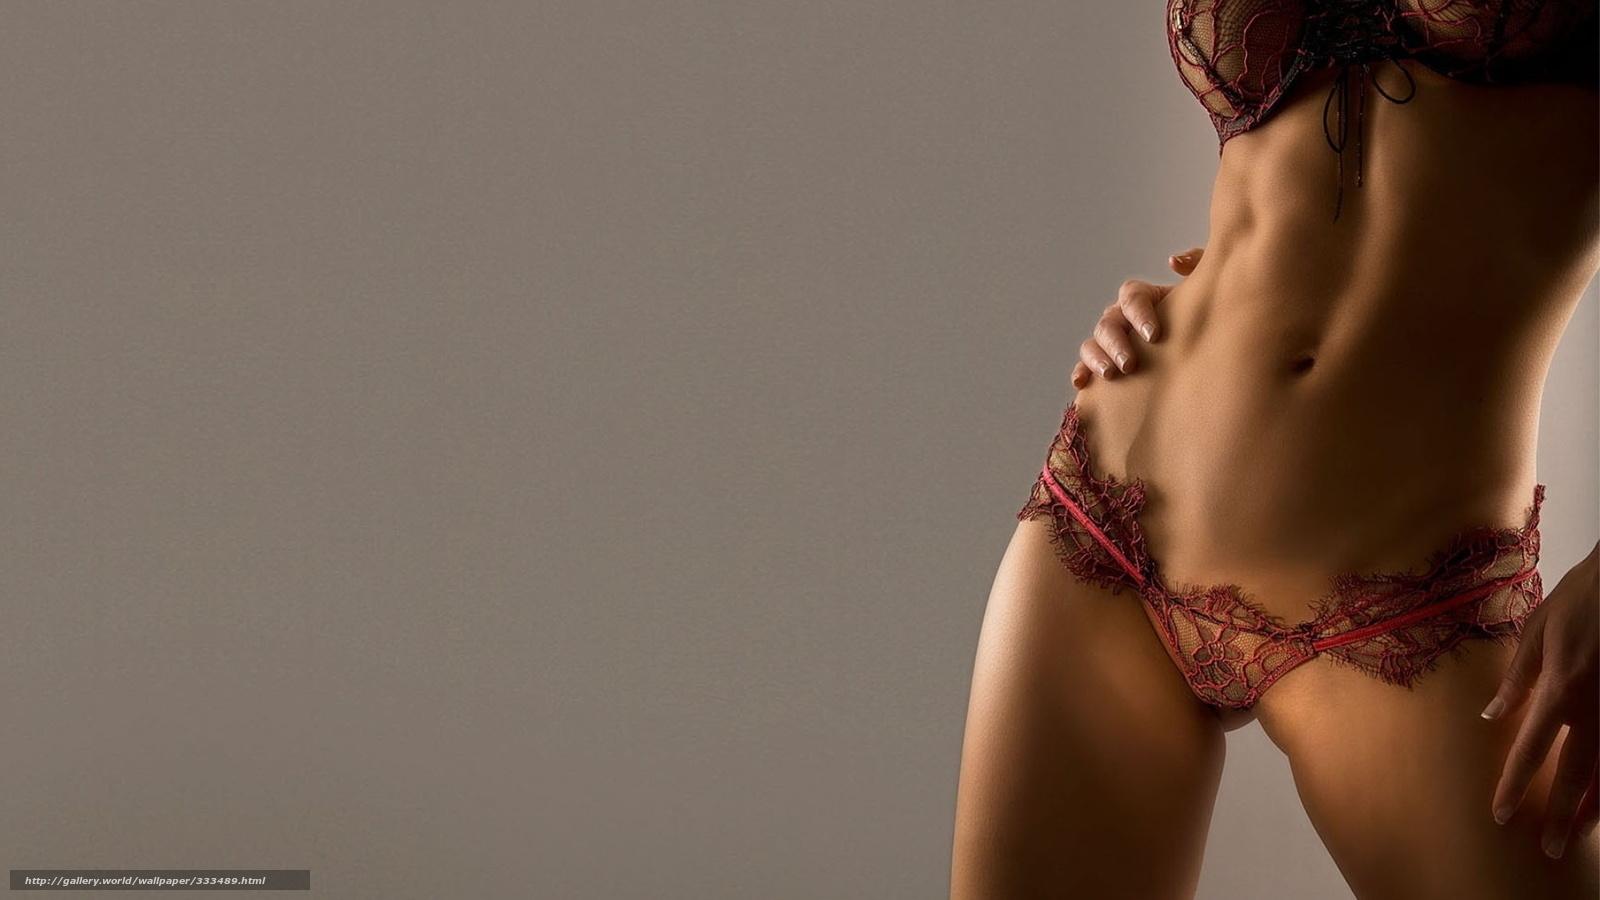 Тело красивых девушек фото 17 фотография